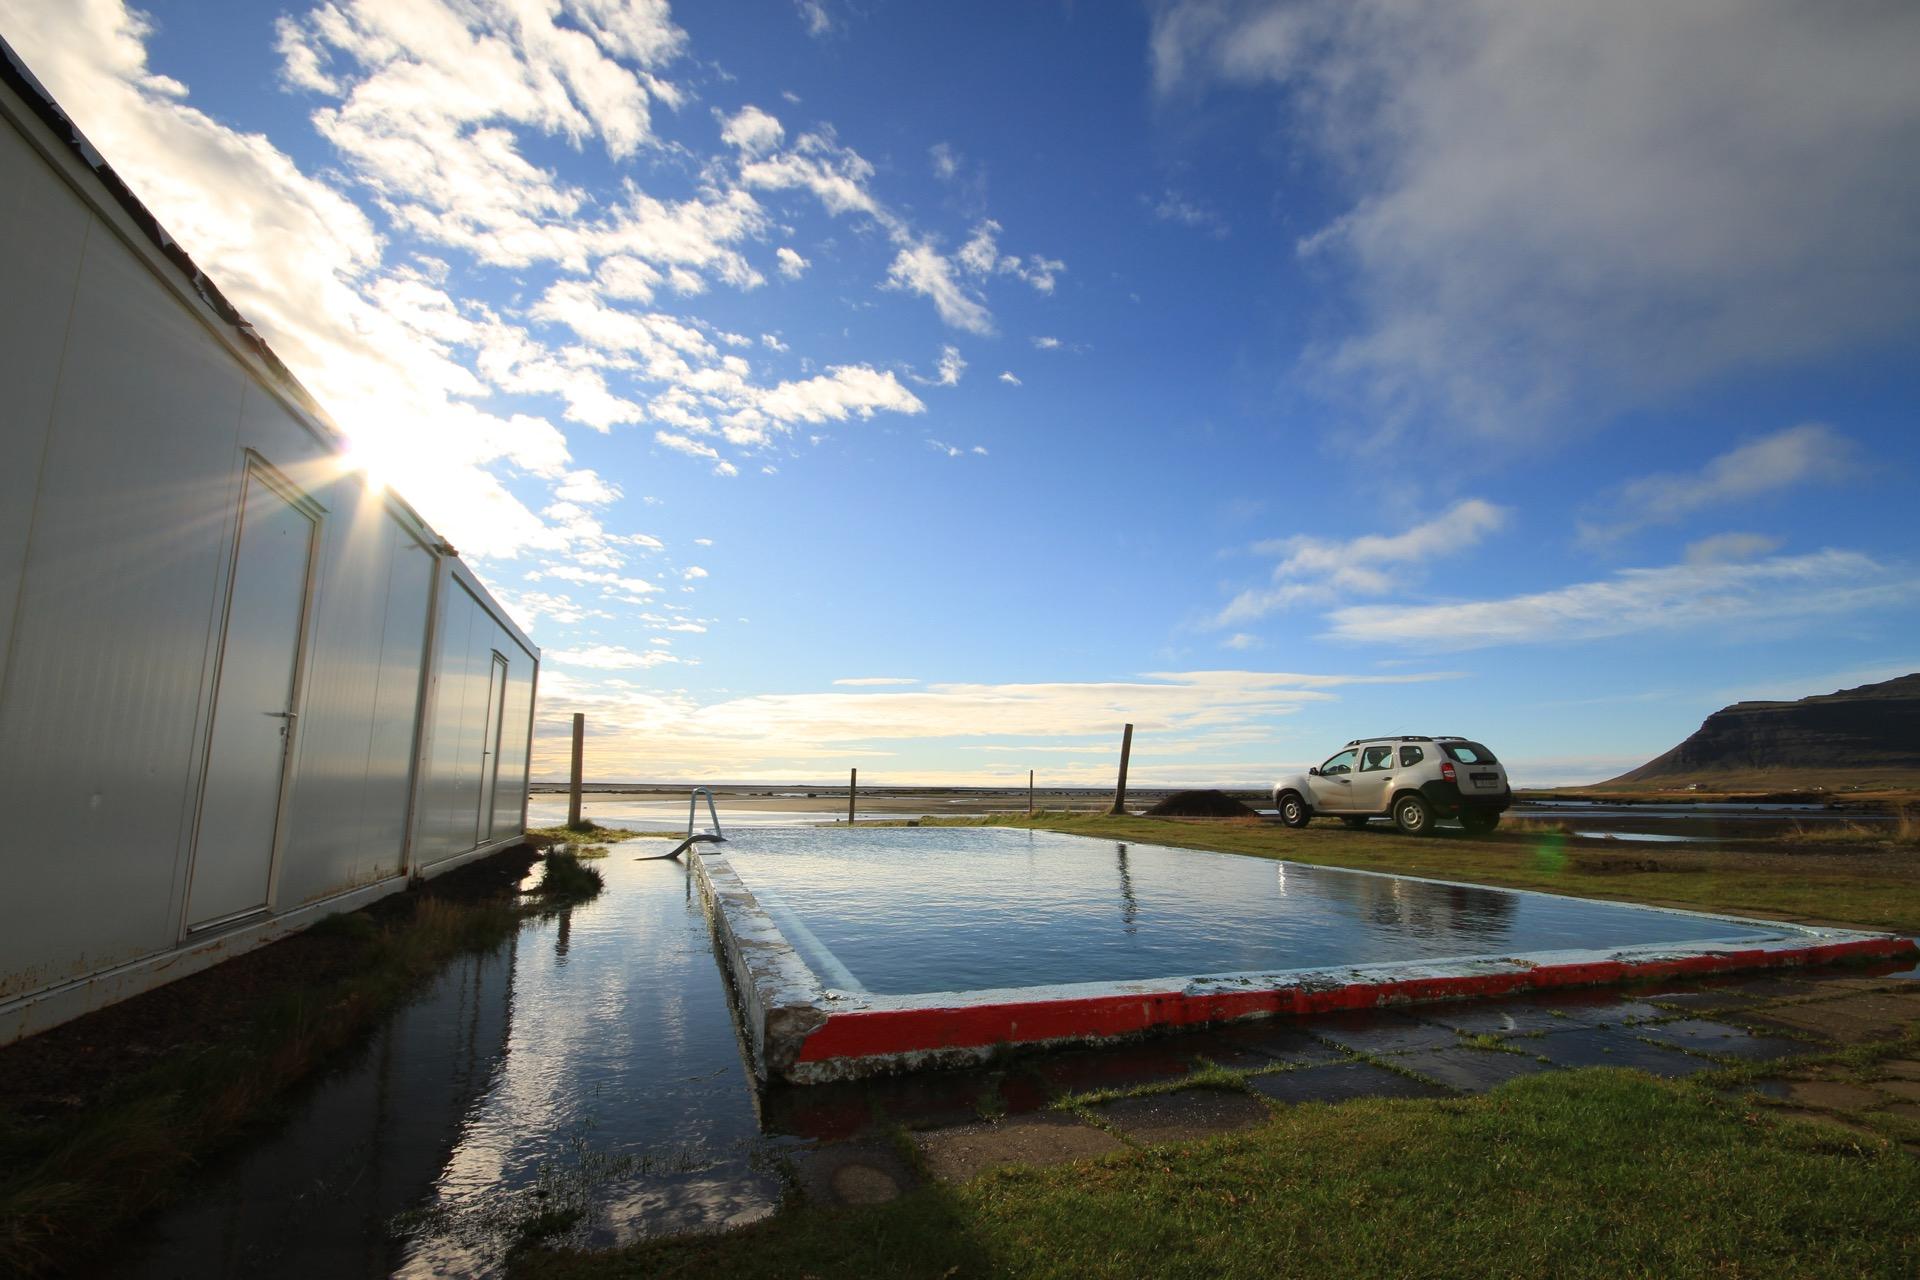 Erfahrungsberichte zum Thema Mietwagen in Island